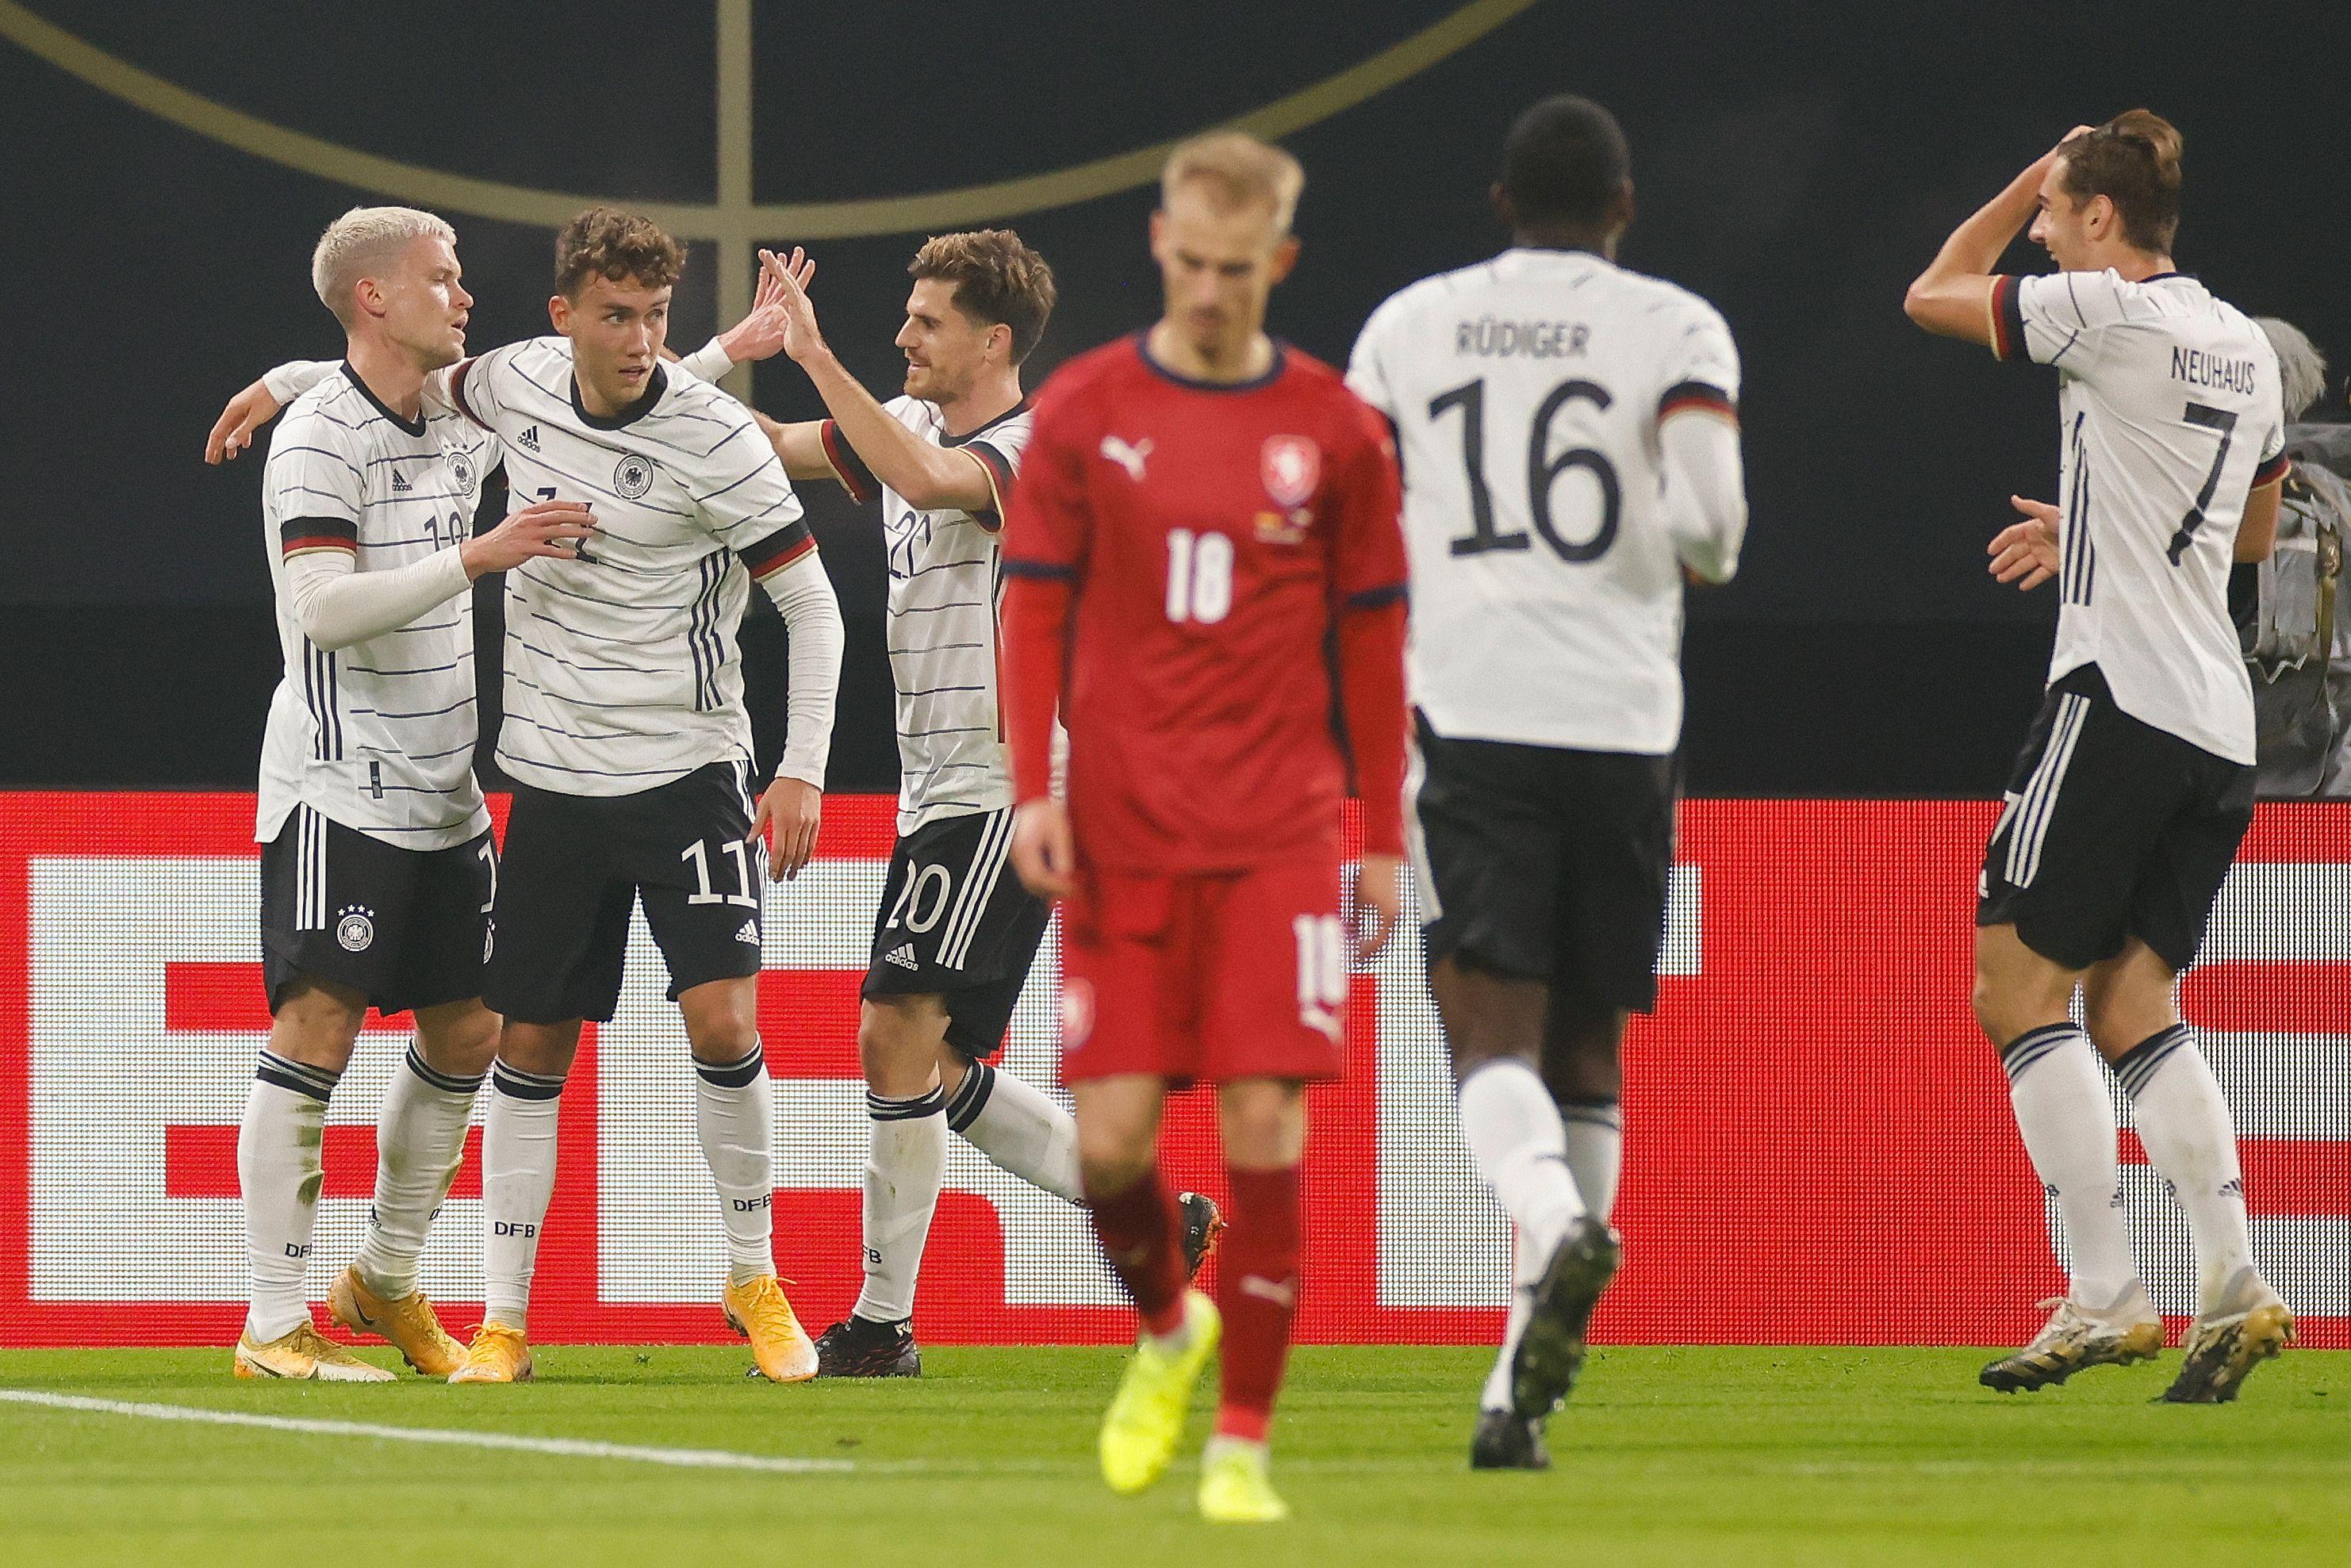 ไฮไลท์ฟุตบอล กระชับมิตรทีมชาติ เยอรมนี - เช็ก